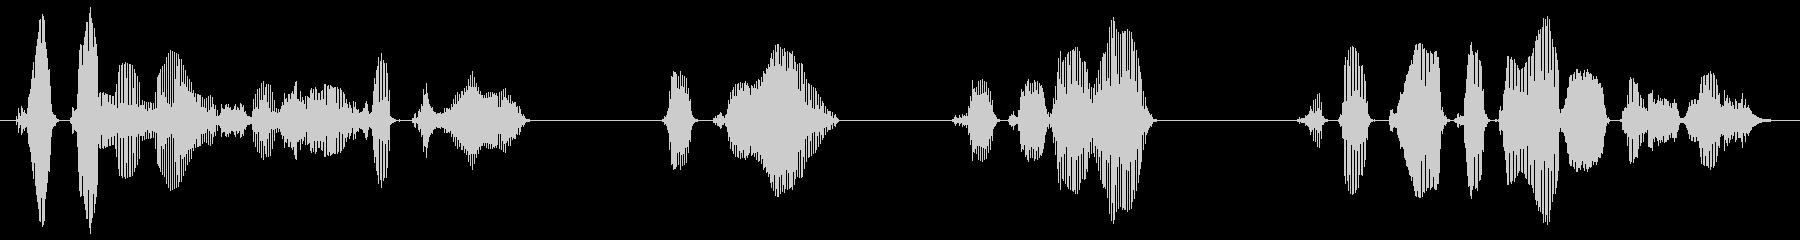 (シリアス)許可のない写真撮影、録音、…の未再生の波形